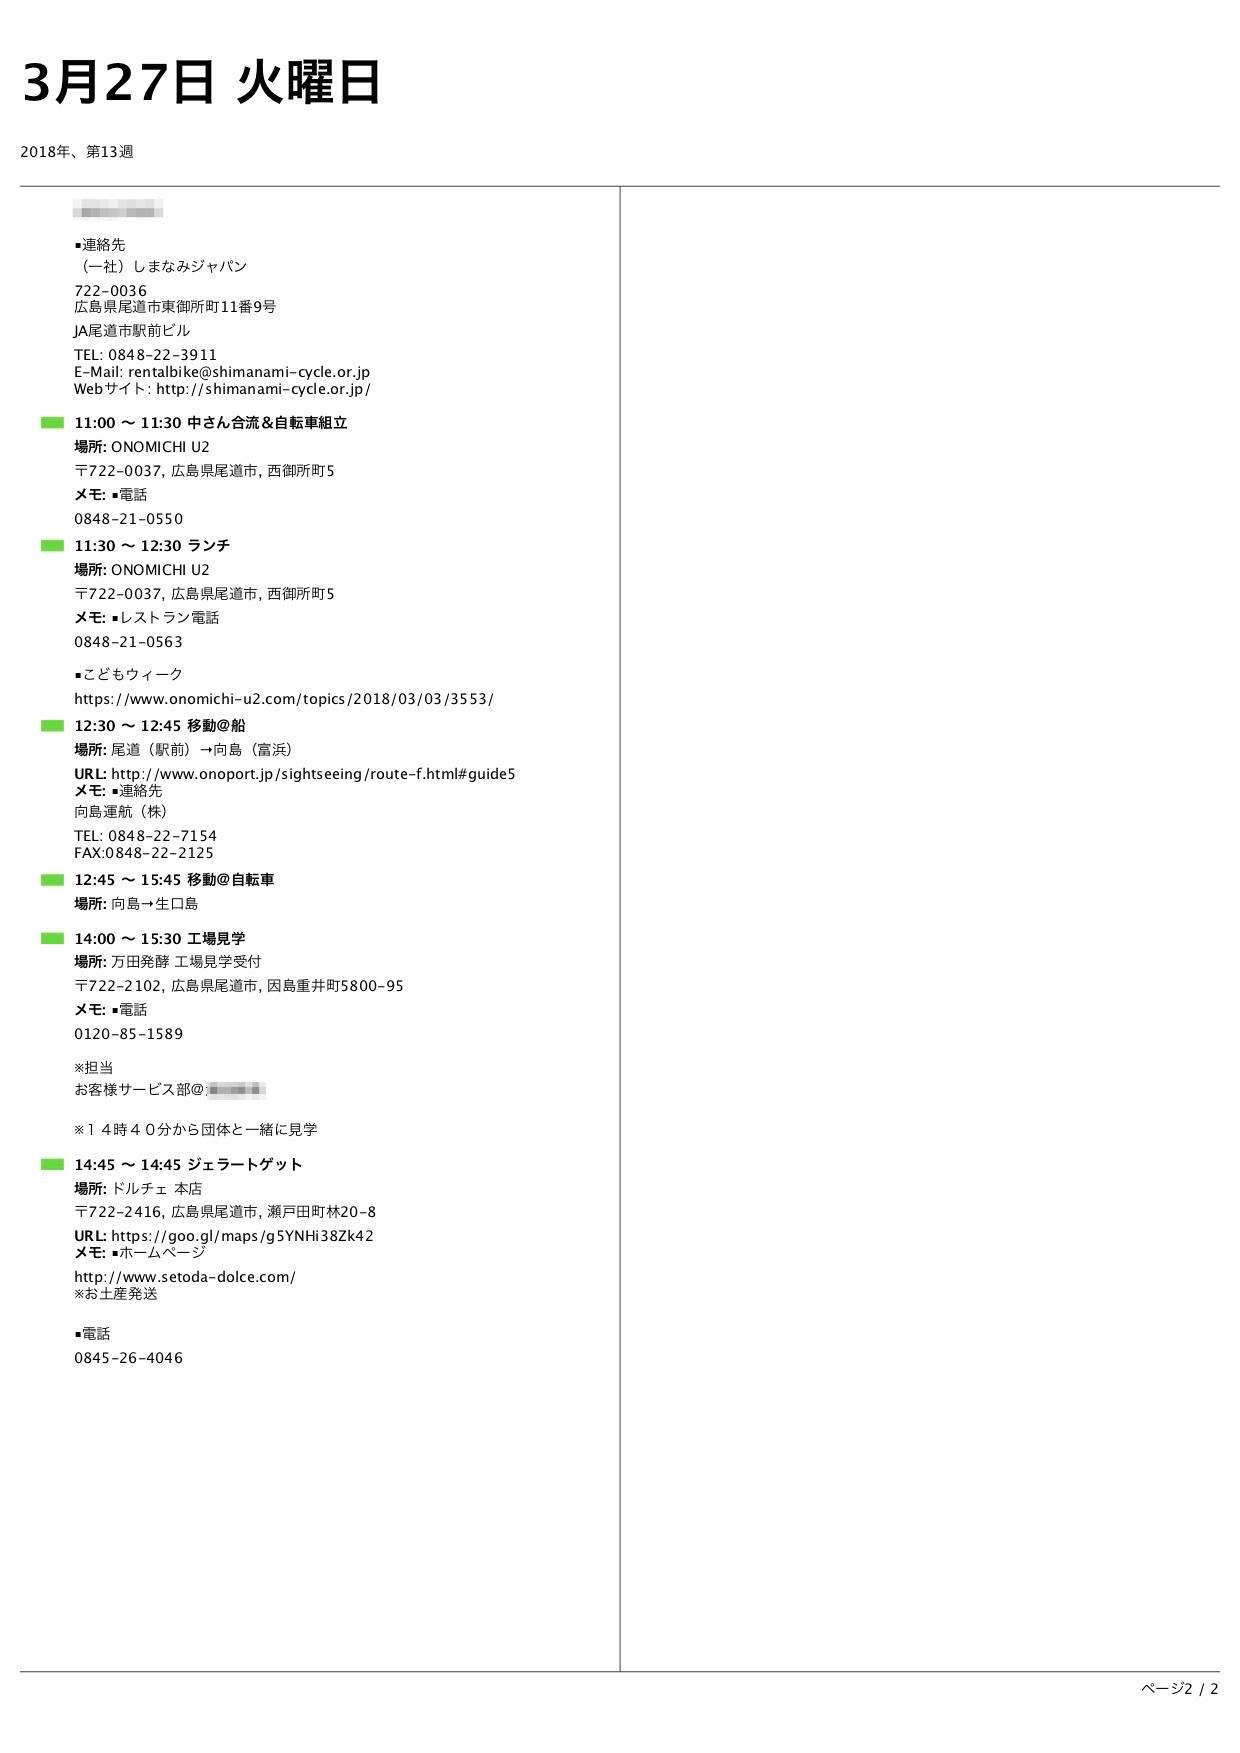 カレンダー_—_日_—_2018-03-27~2018-03-27